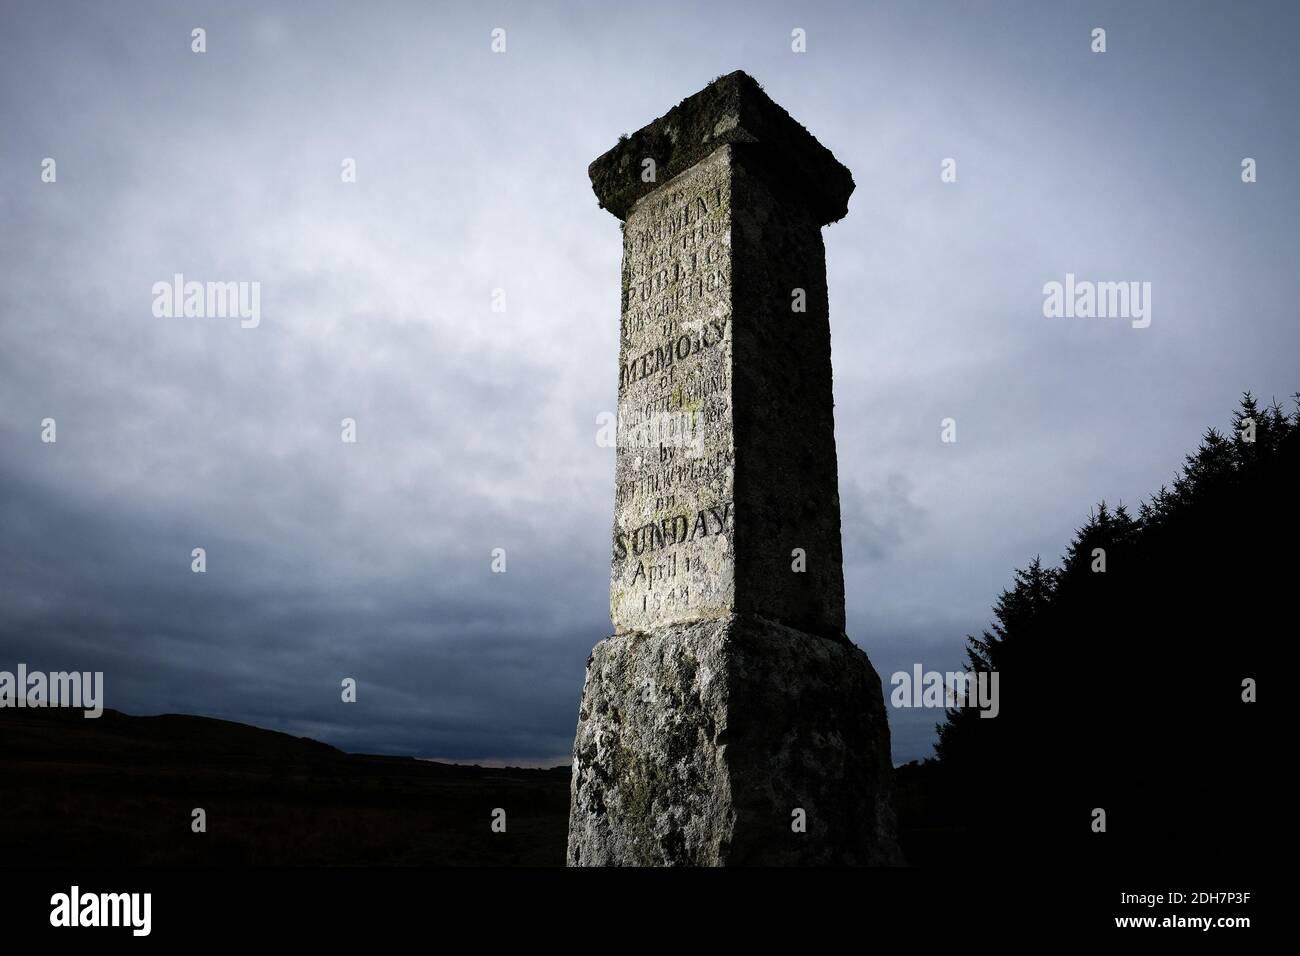 Ein Denkmal unter dem Showery Tor und dem Rough Tor am Bodmin Moor, das angeblich den Ort markiert, an dem Charlotte Dymond 1844 ermordet wurde.Donnerstag, 12. November 2020. Stockfoto